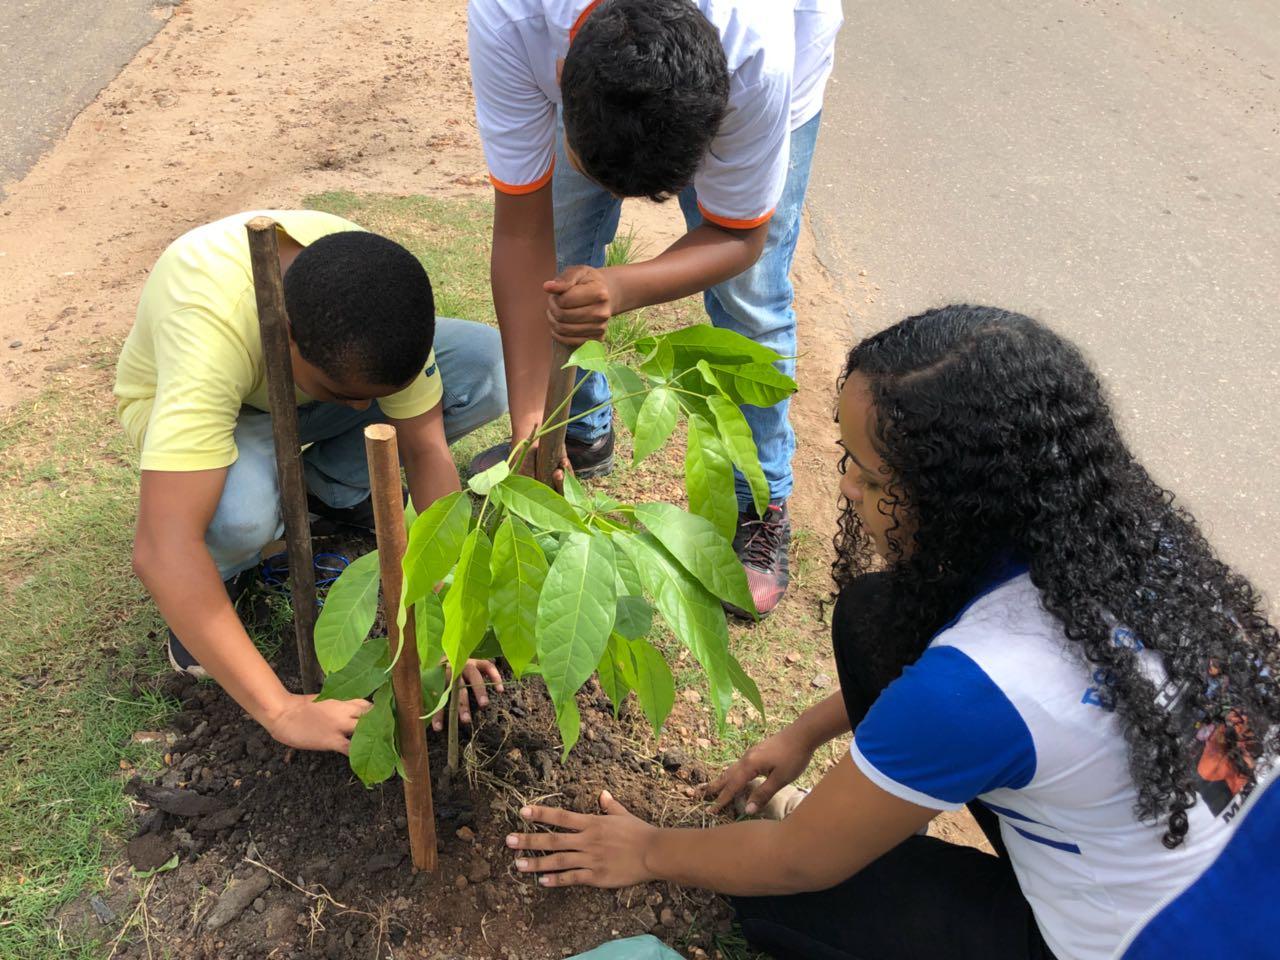 MEIO AMBIENTE: SEMMA E ALUNOS REALIZAM PLANTIO DE IPÊ NA AVENIDA BOA ESPERANÇA